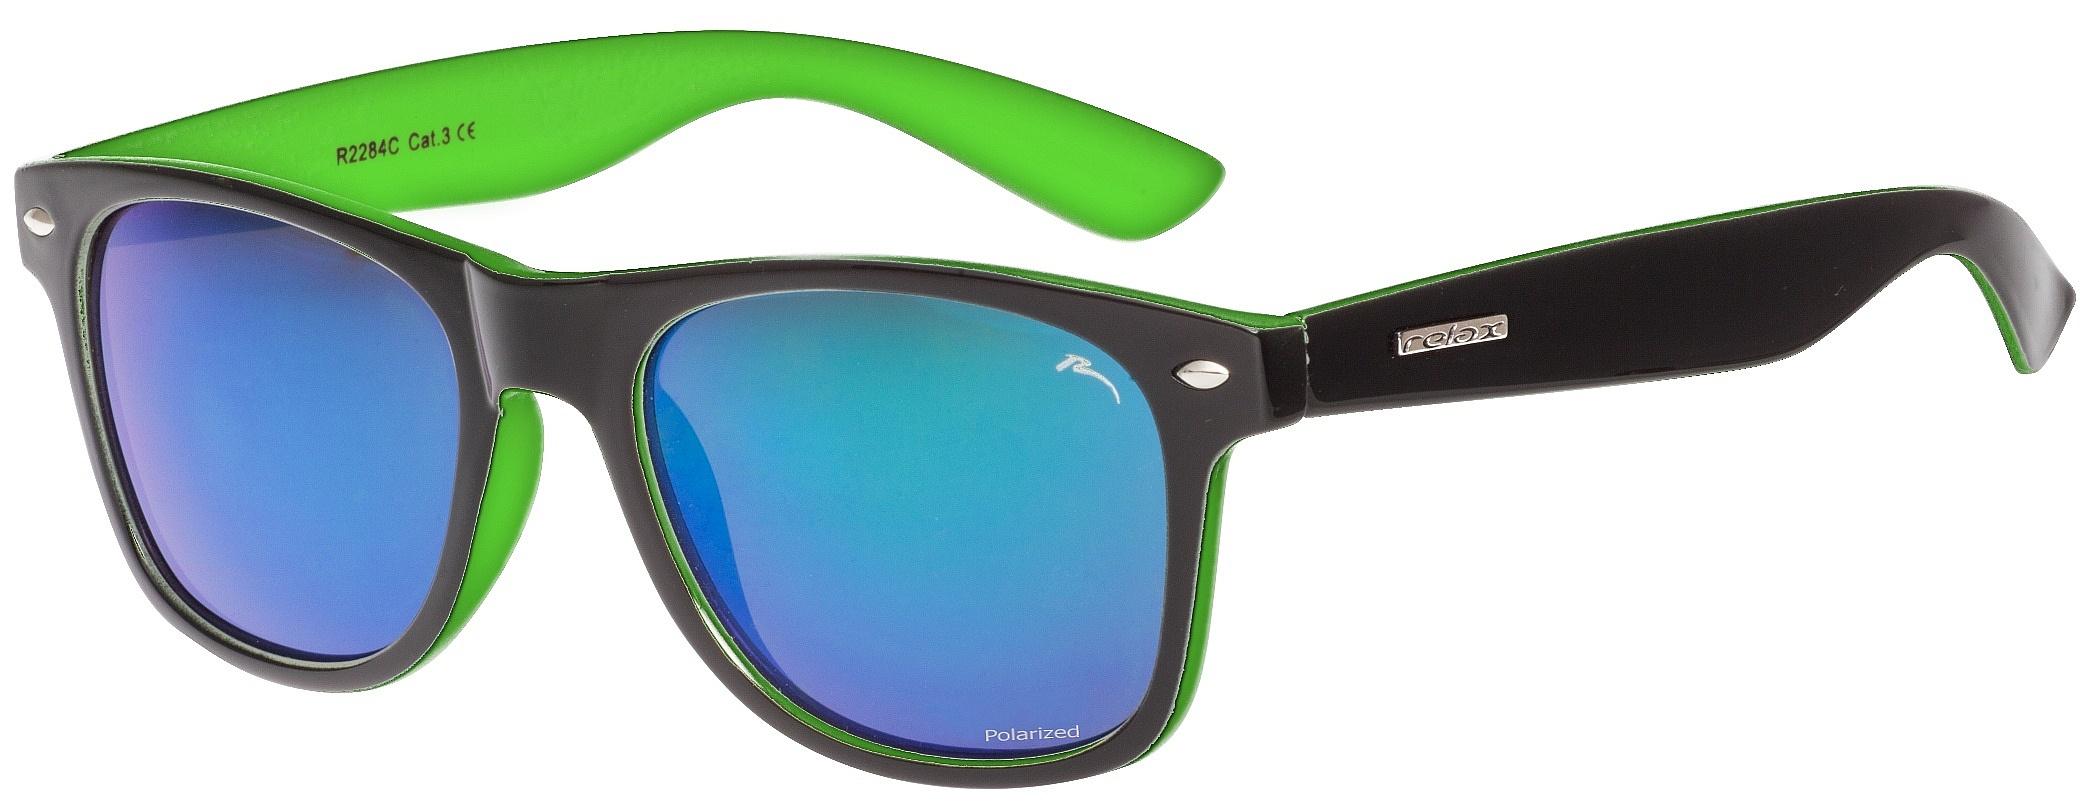 brýle Relax Chau - R2284C/Polarized one size